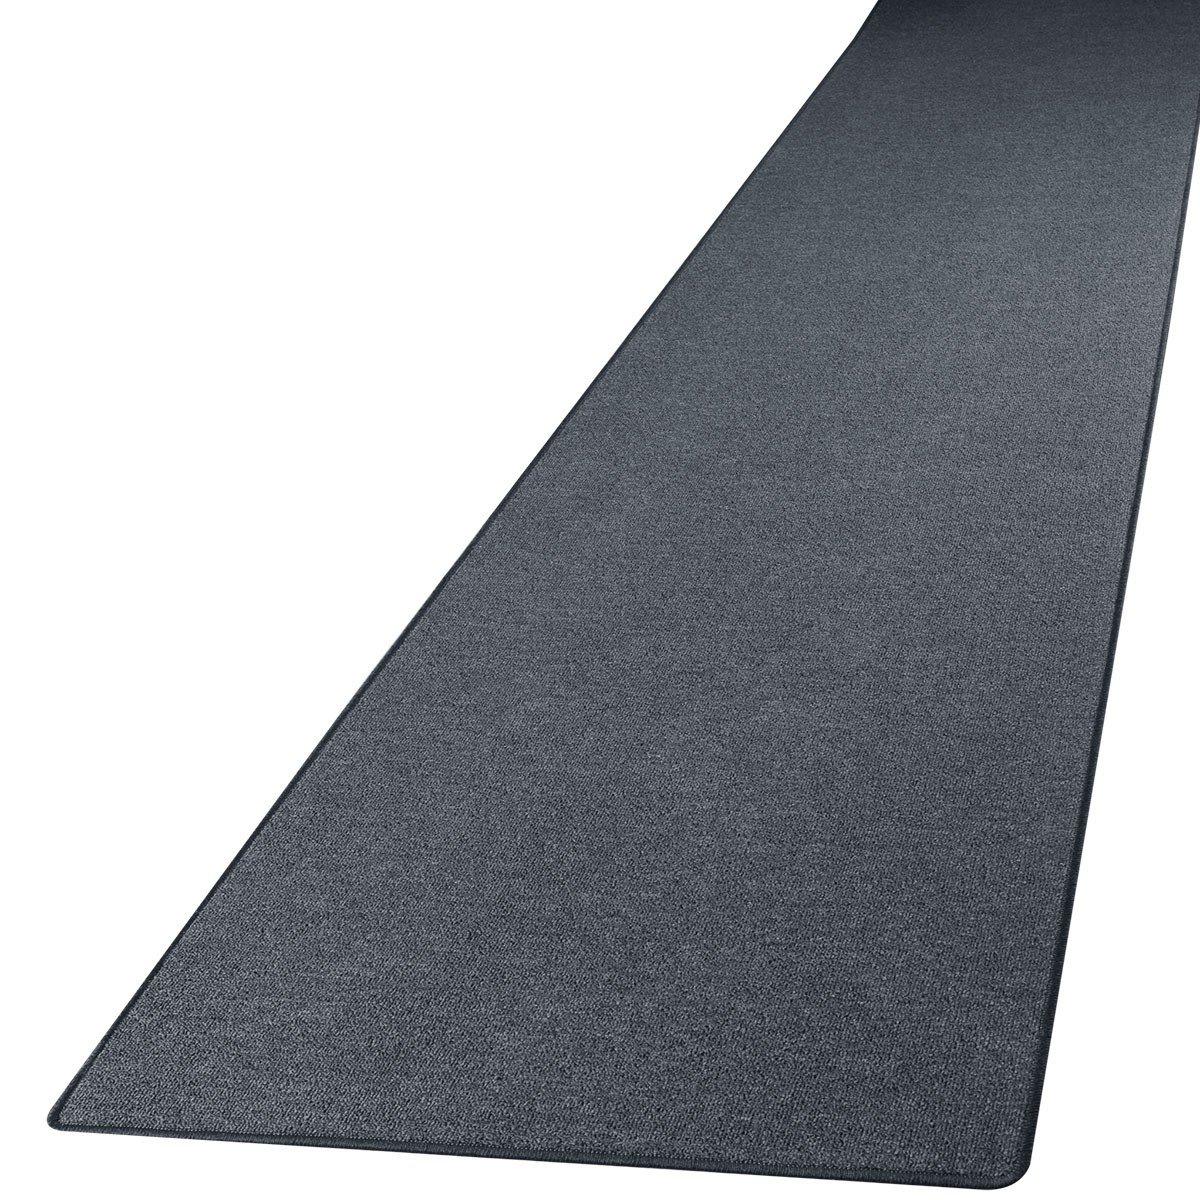 Teppich nach maß  Schlingen Teppich Läufer Torronto Anthrazit nach Maß ...